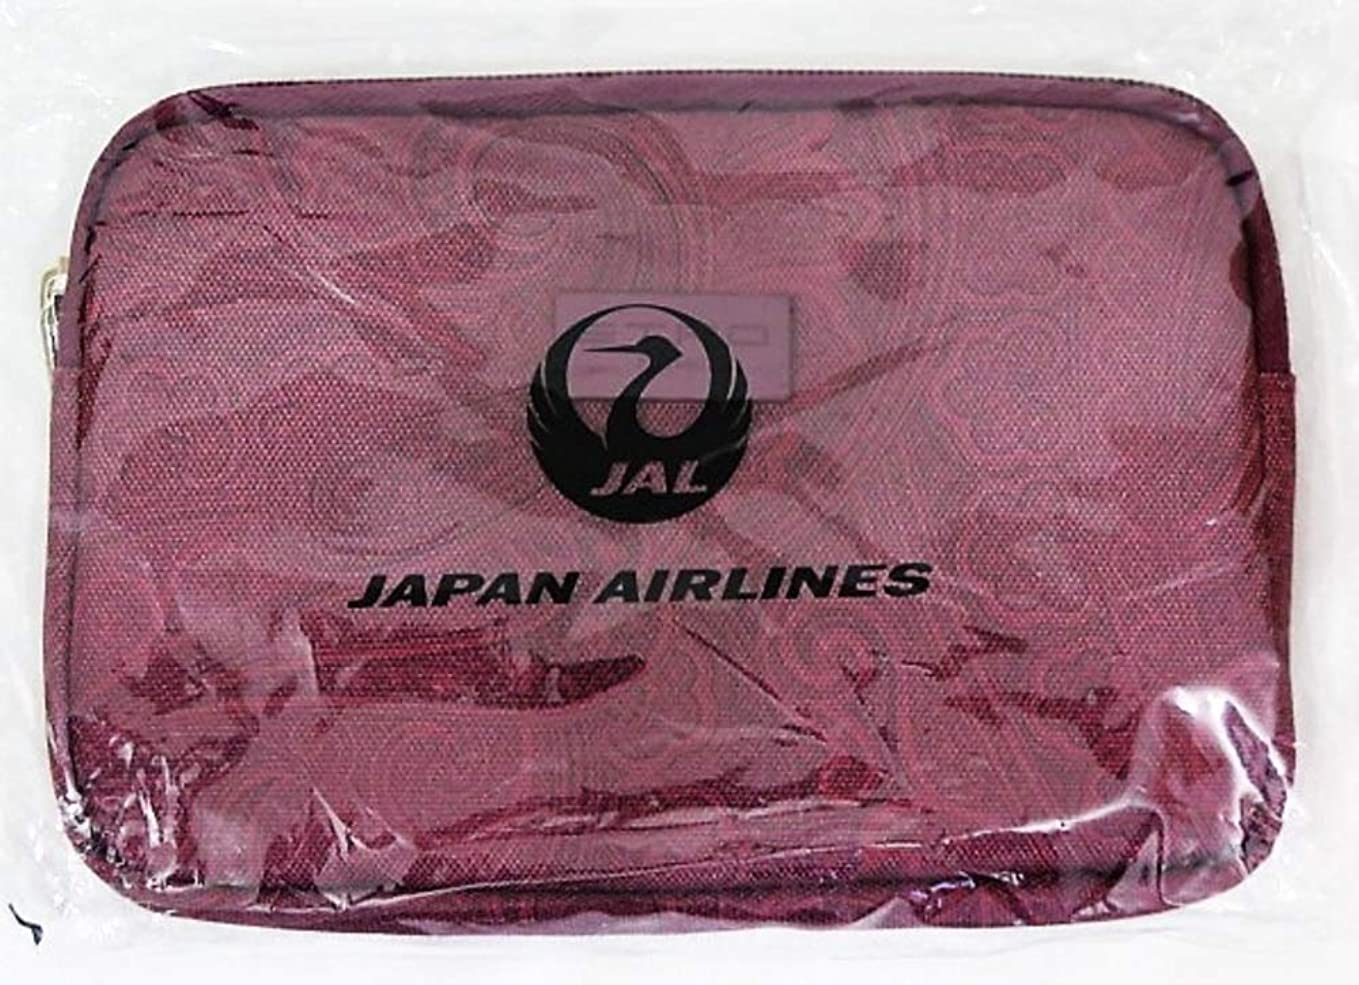 あなたが良くなります葡萄シルクエトロ ETRO ポーチ JAL ビジネスクラス アメニティセット ボルドー